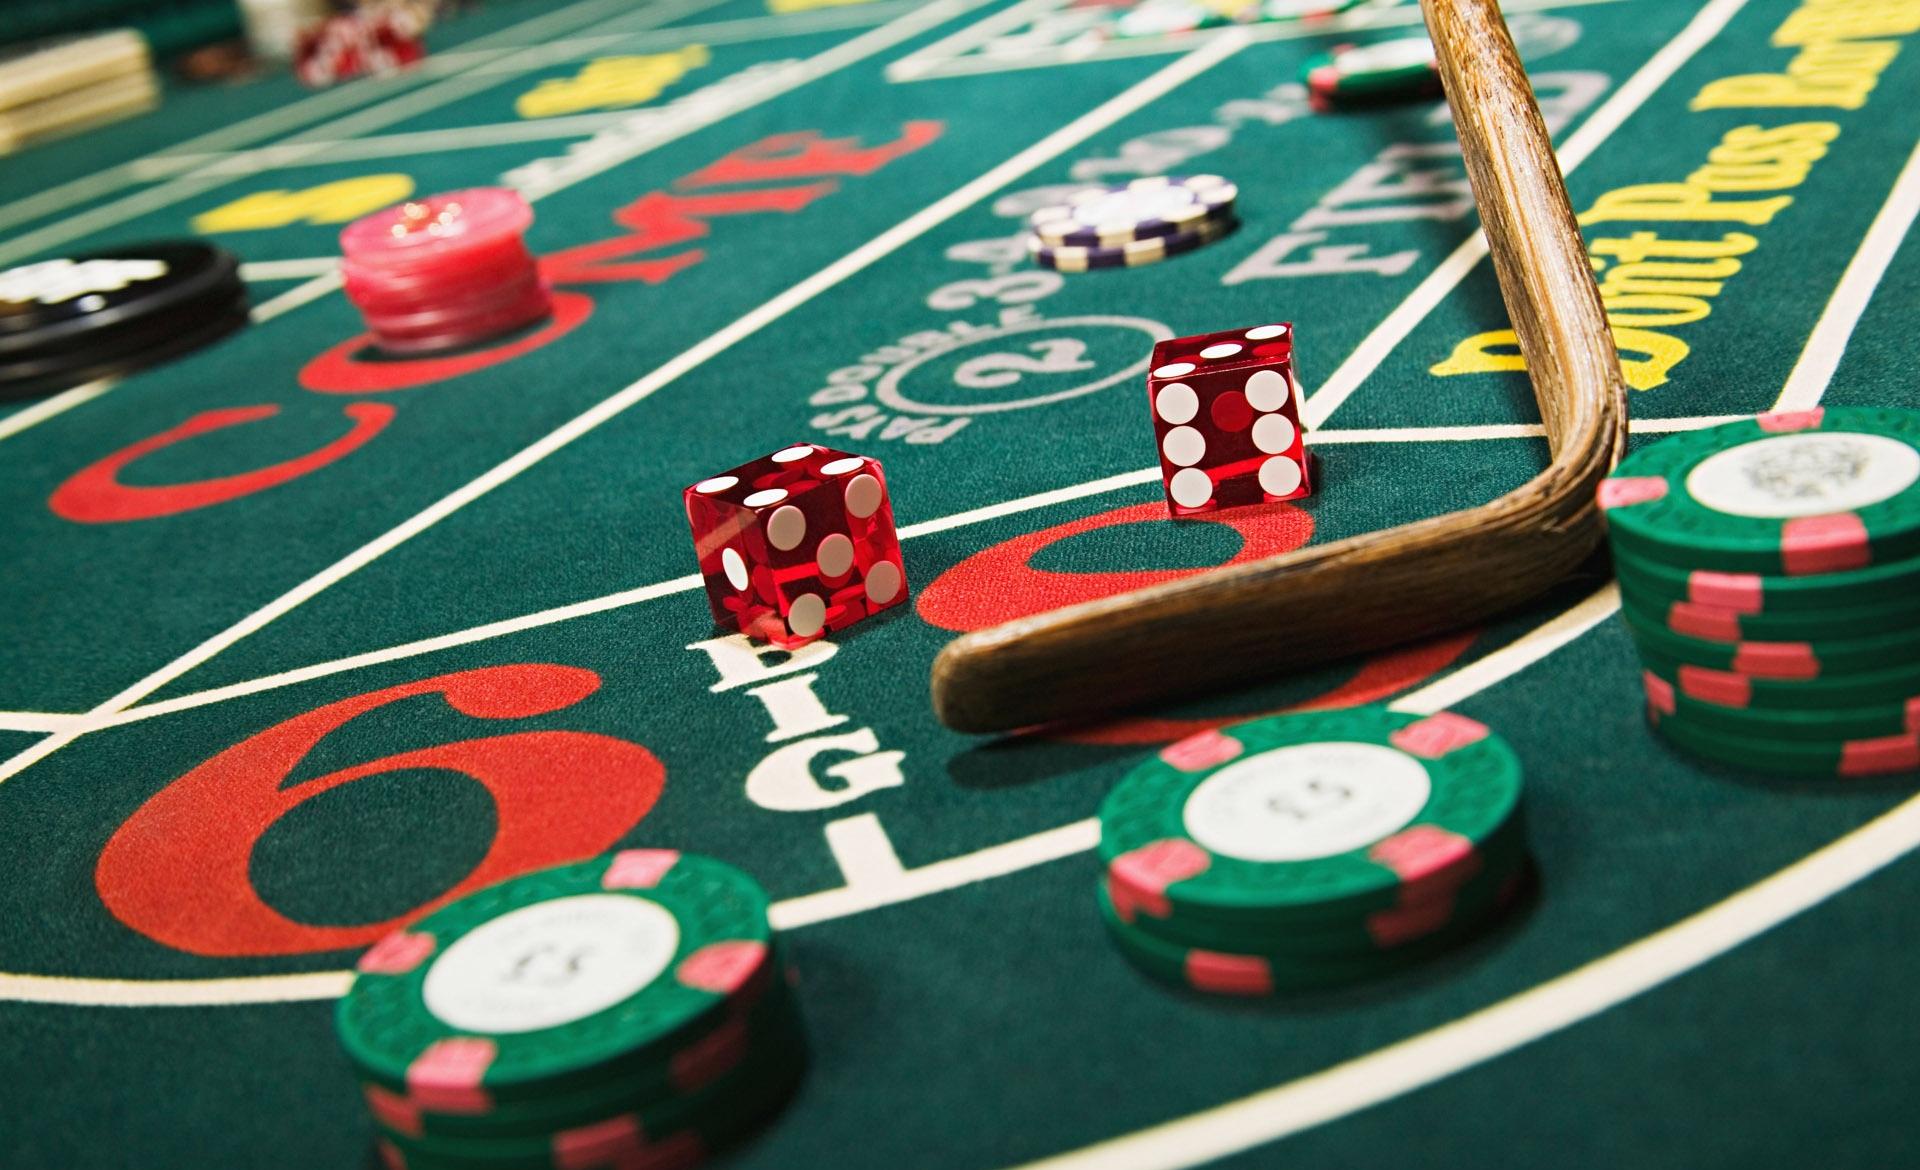 Азартные игры по шарлиз терон азартные игры